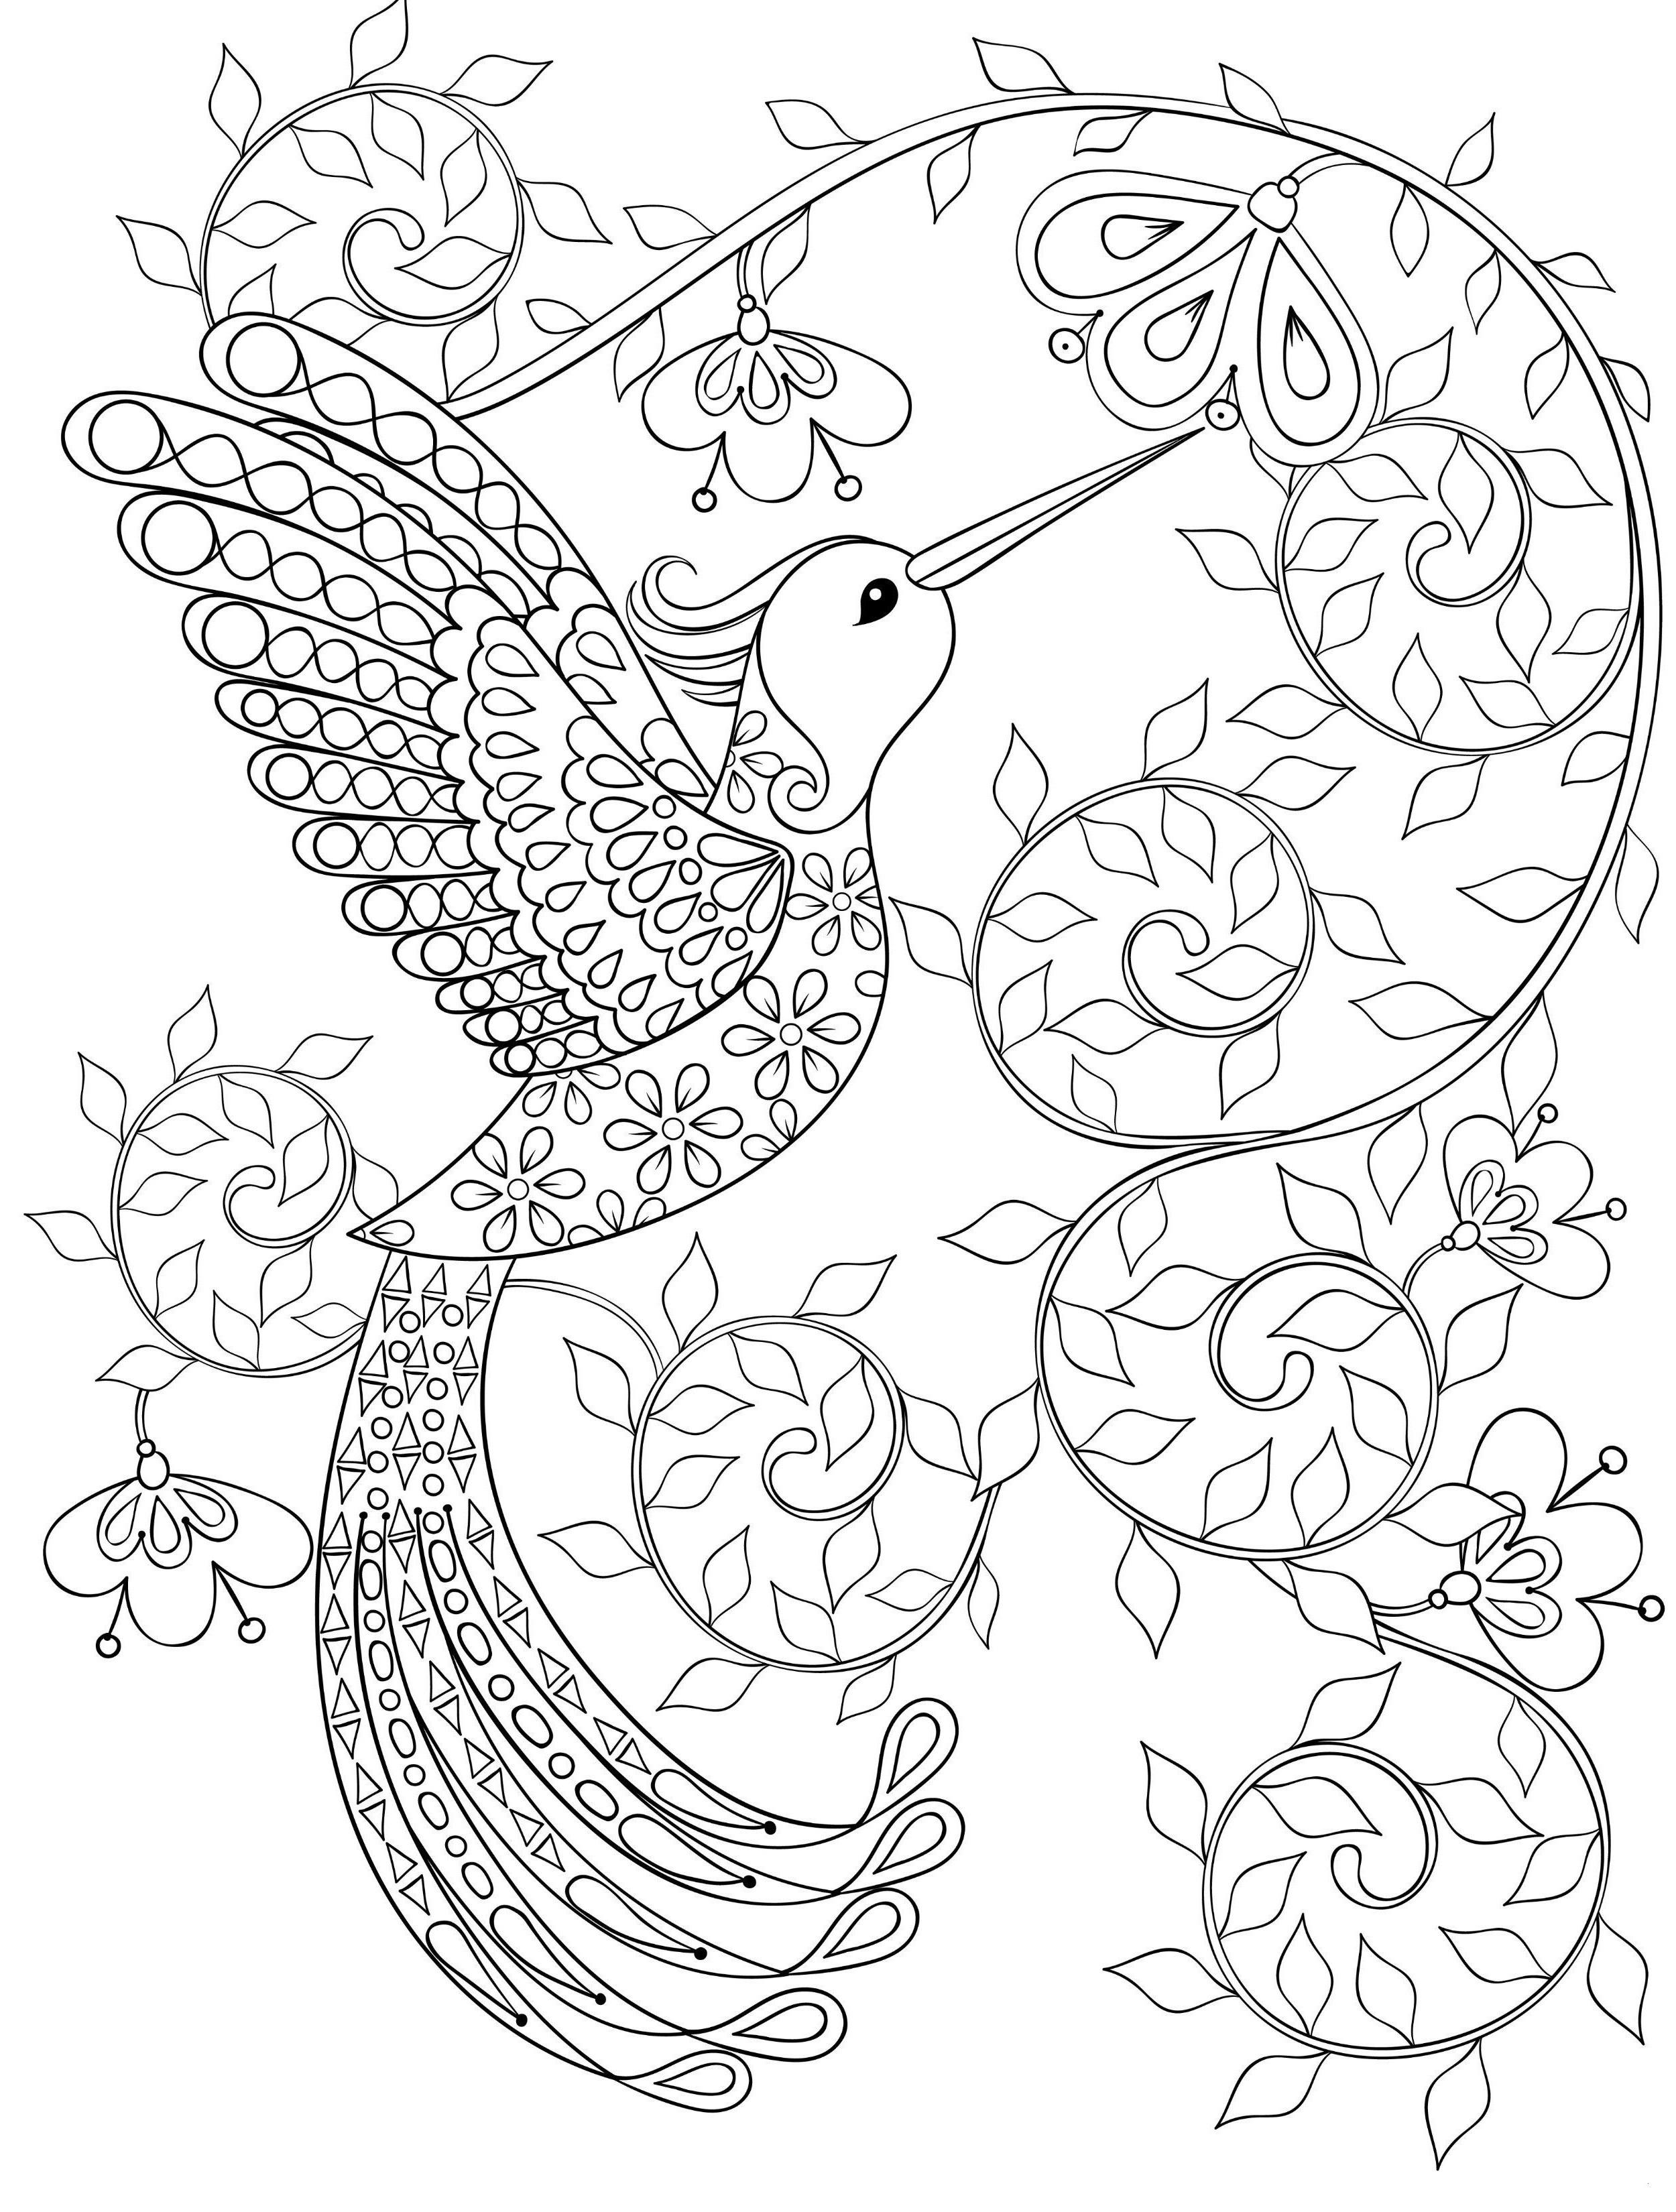 Einhorn Mandala Erwachsene Einzigartig 36 Frisch Einhorn Ausmalbilder Für Erwachsene – Große Coloring Page Bild